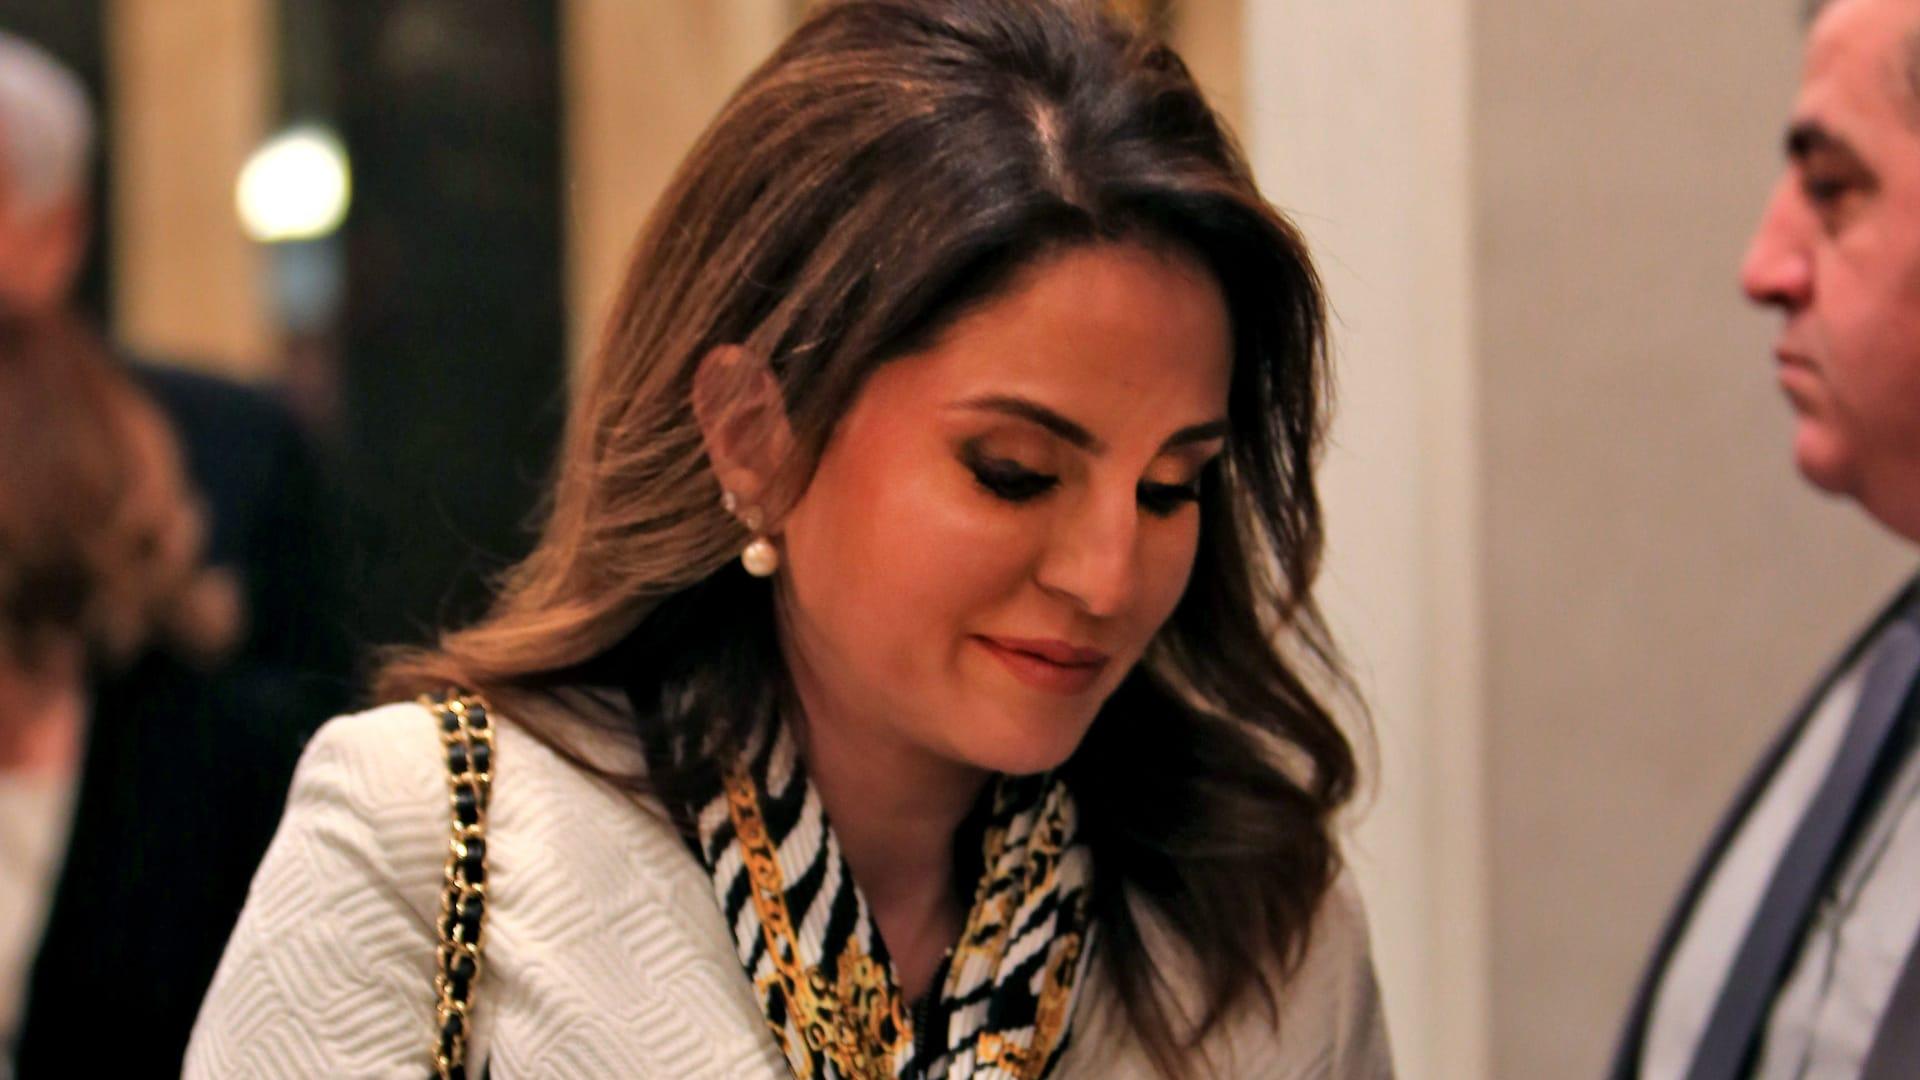 """وزيرة الإعلام اللبنانية تستقيل من الحكومة بعد """"هول"""" كارثة بيروت.. وتعتذر للشعب"""